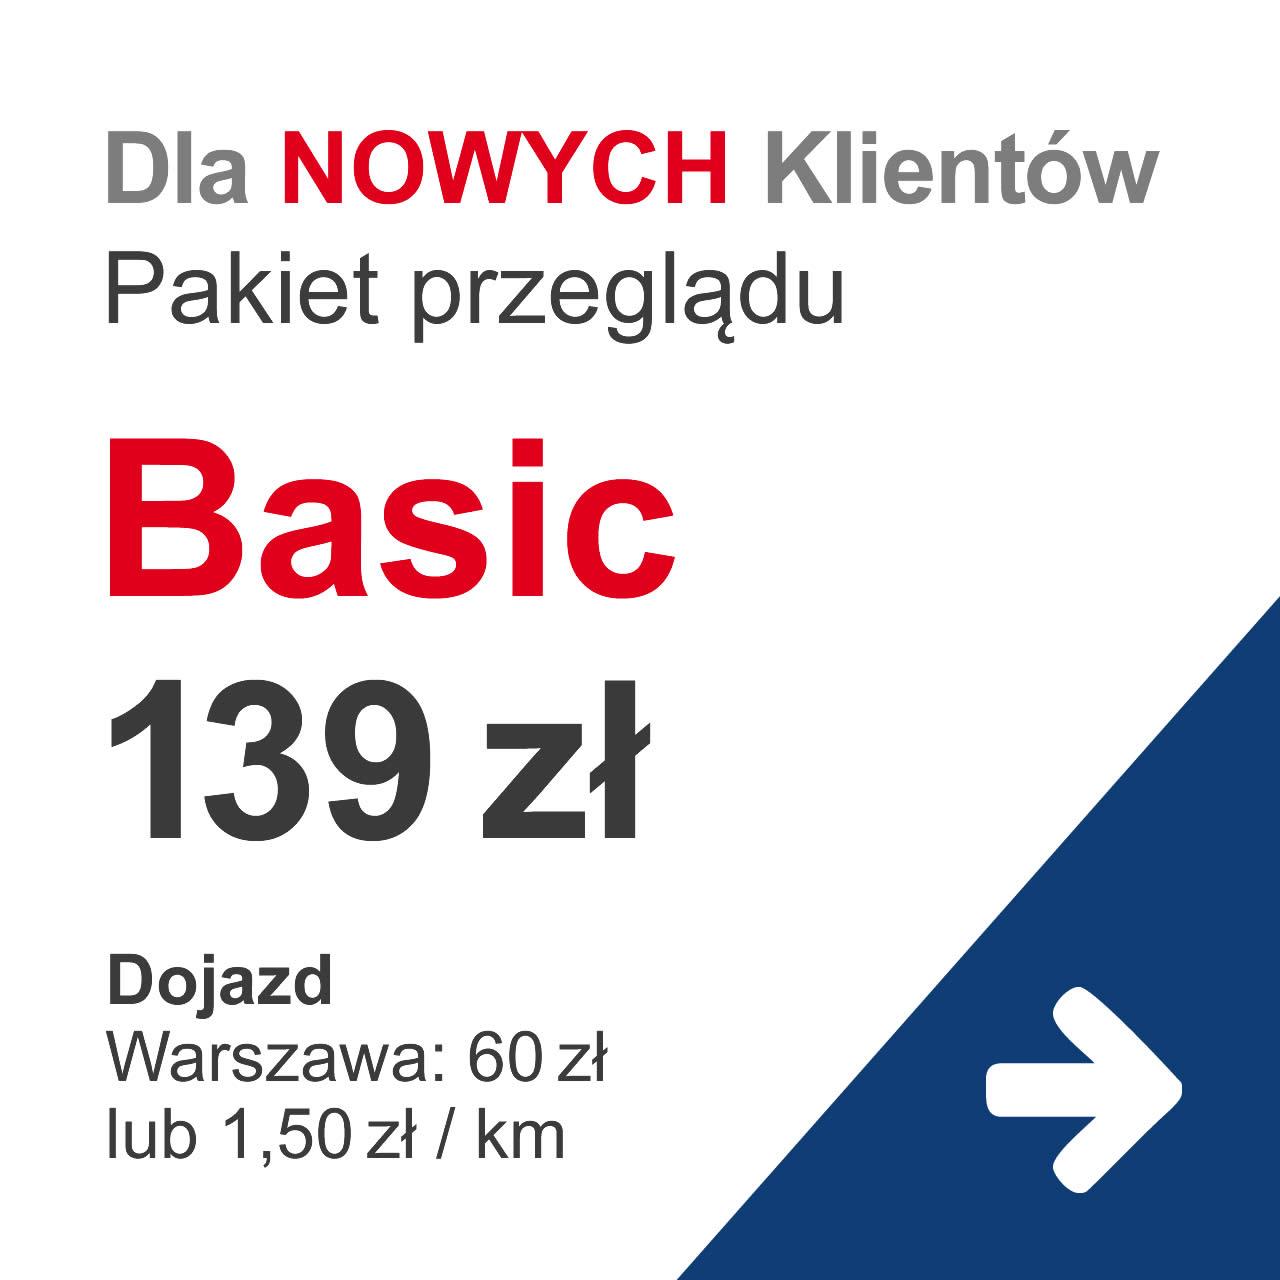 Rational Warszawa